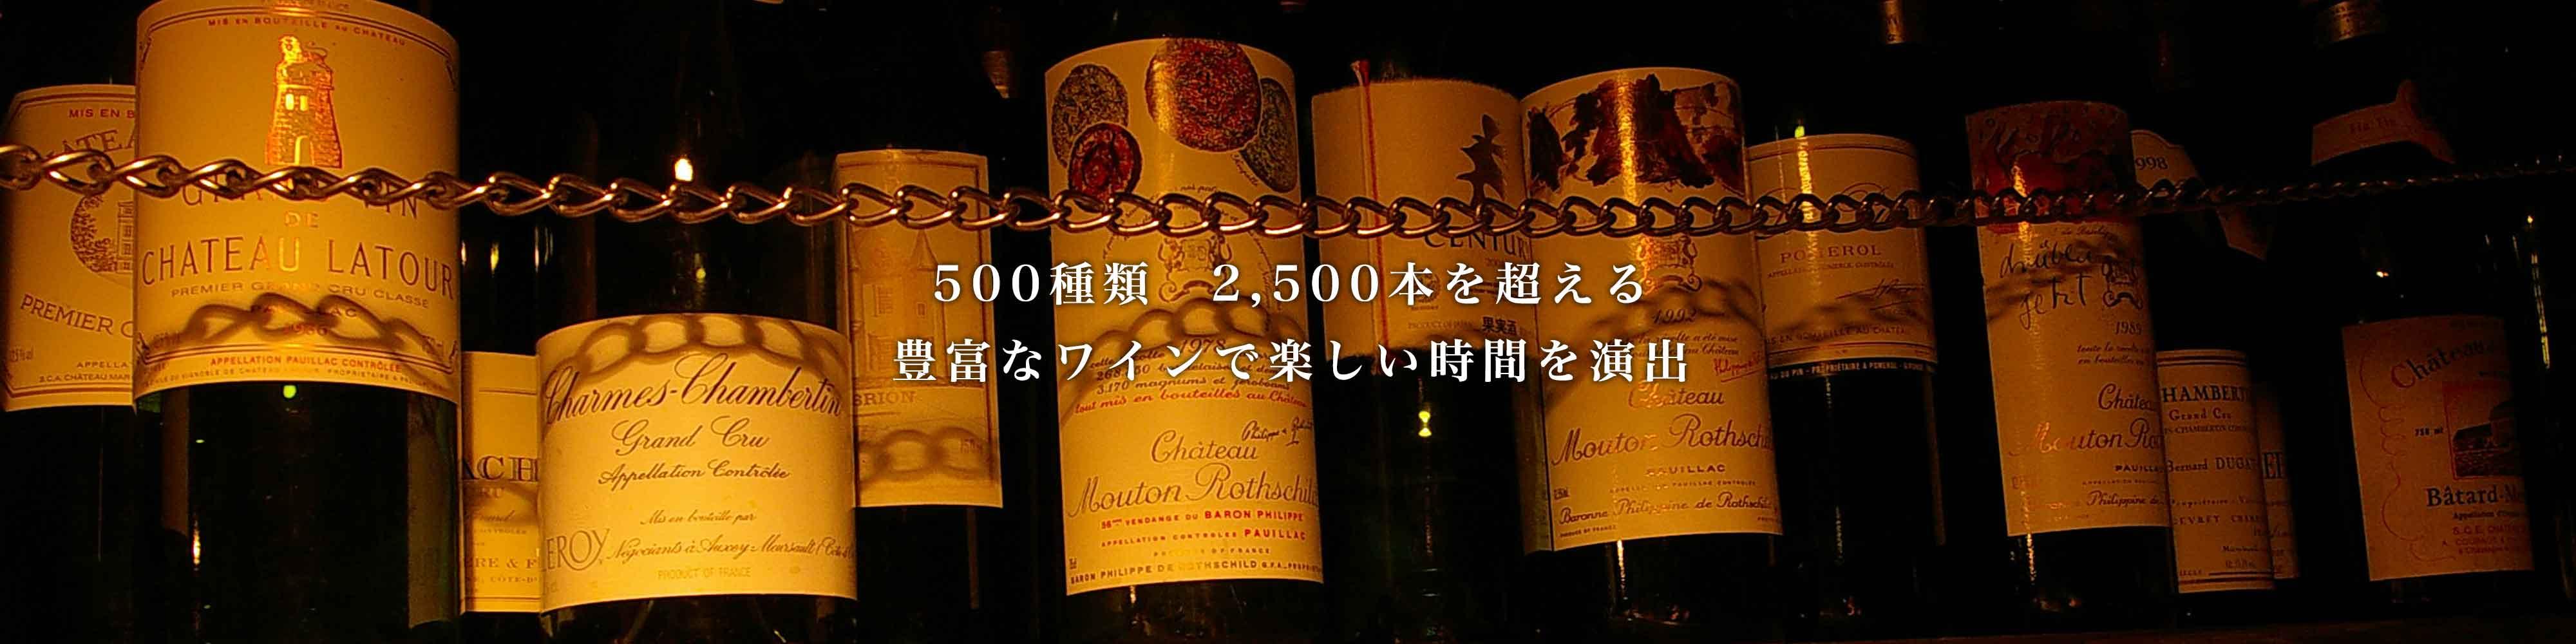 500種類 2,500本を超える豊富なワインで楽しい時間を演出